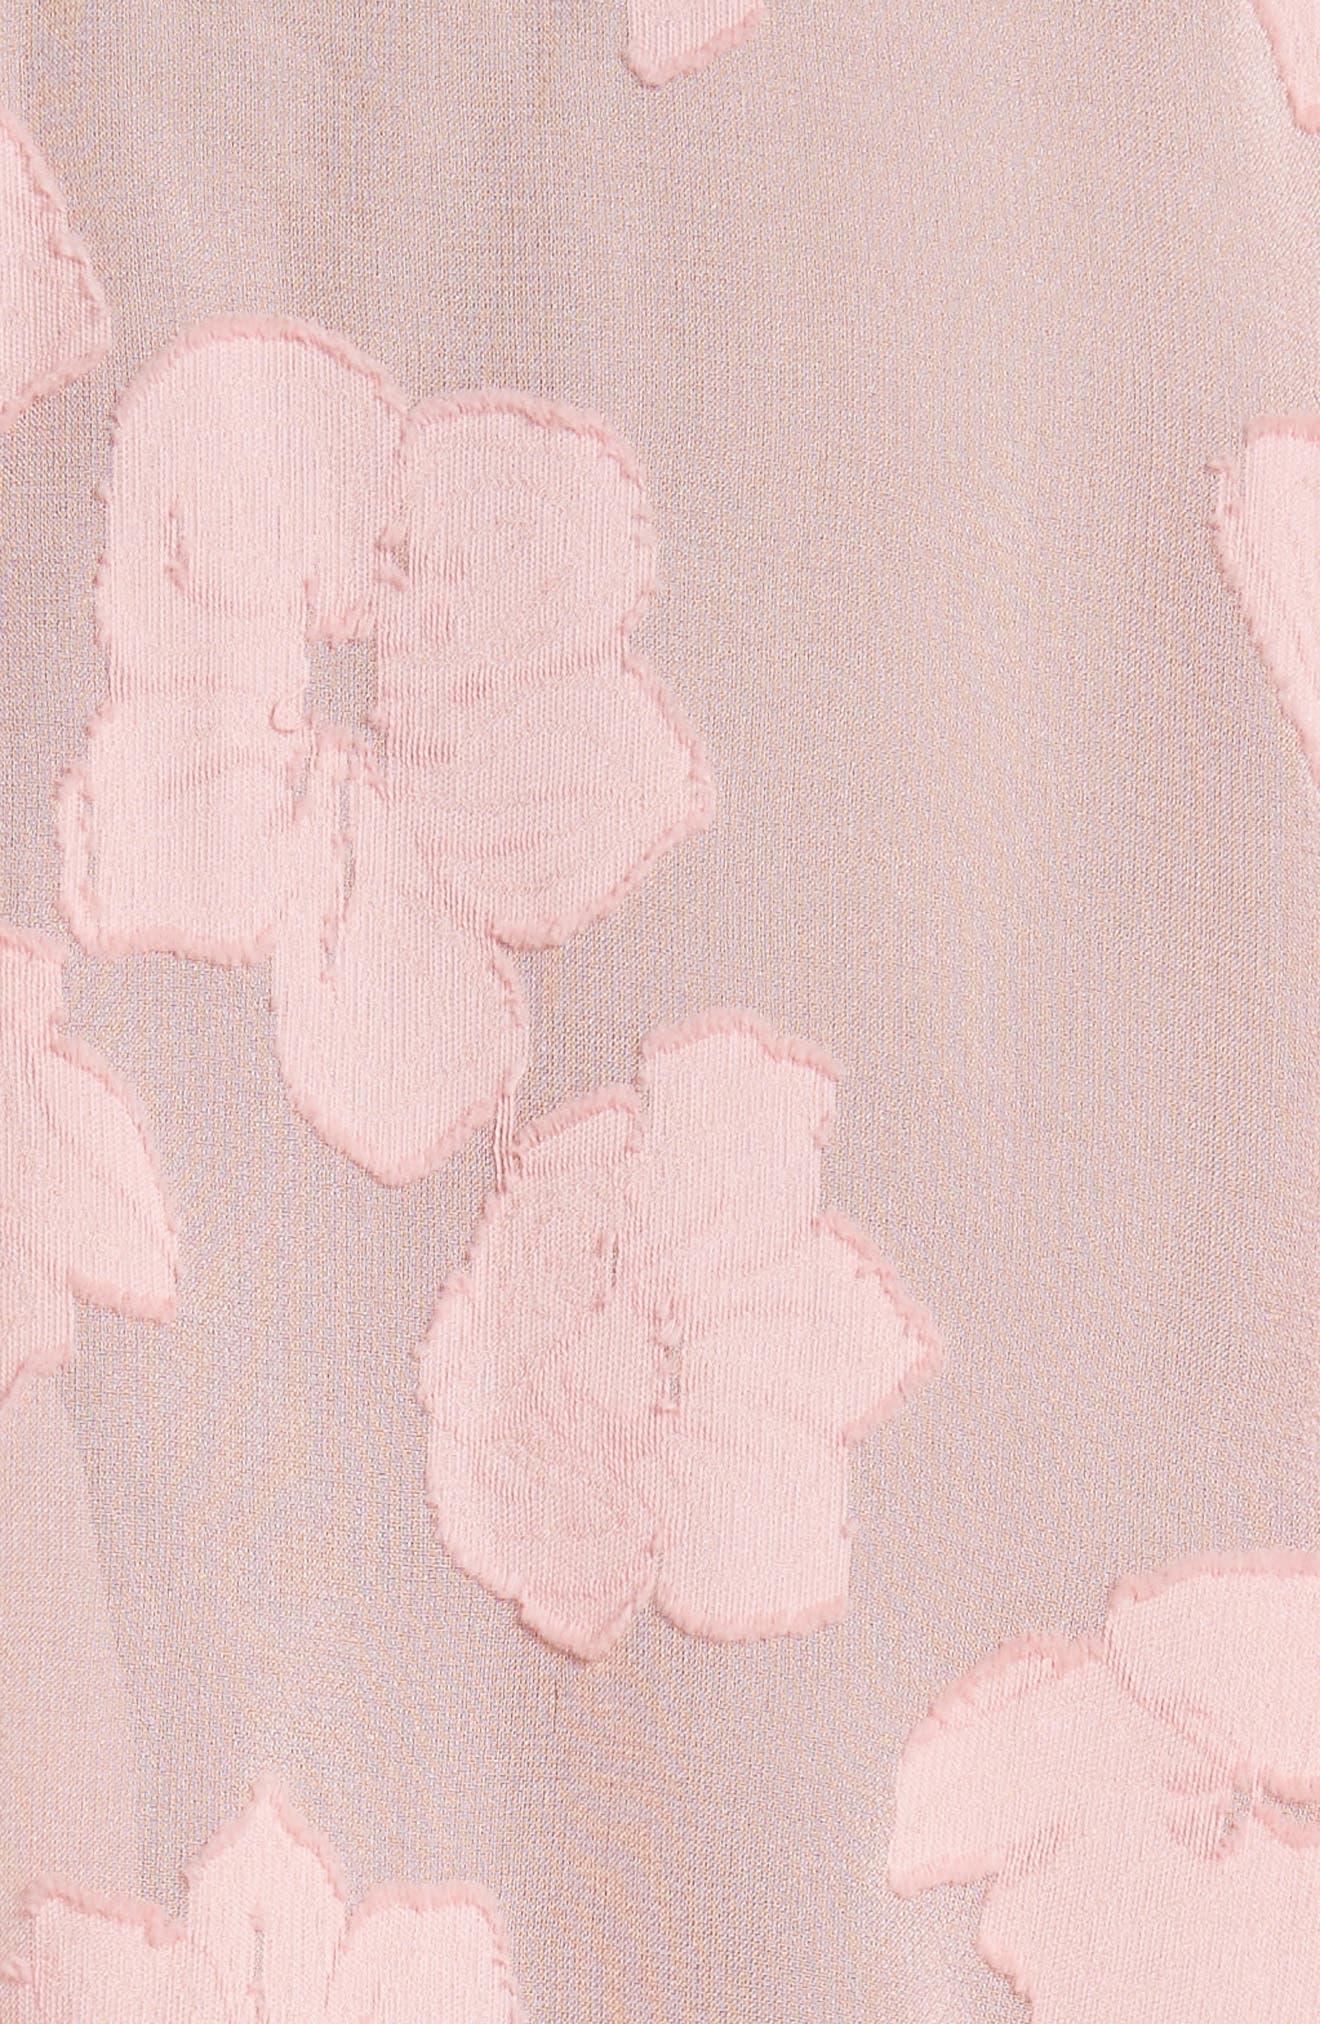 Sandrine Silk & Cotton Jacquard Blouse,                             Alternate thumbnail 5, color,